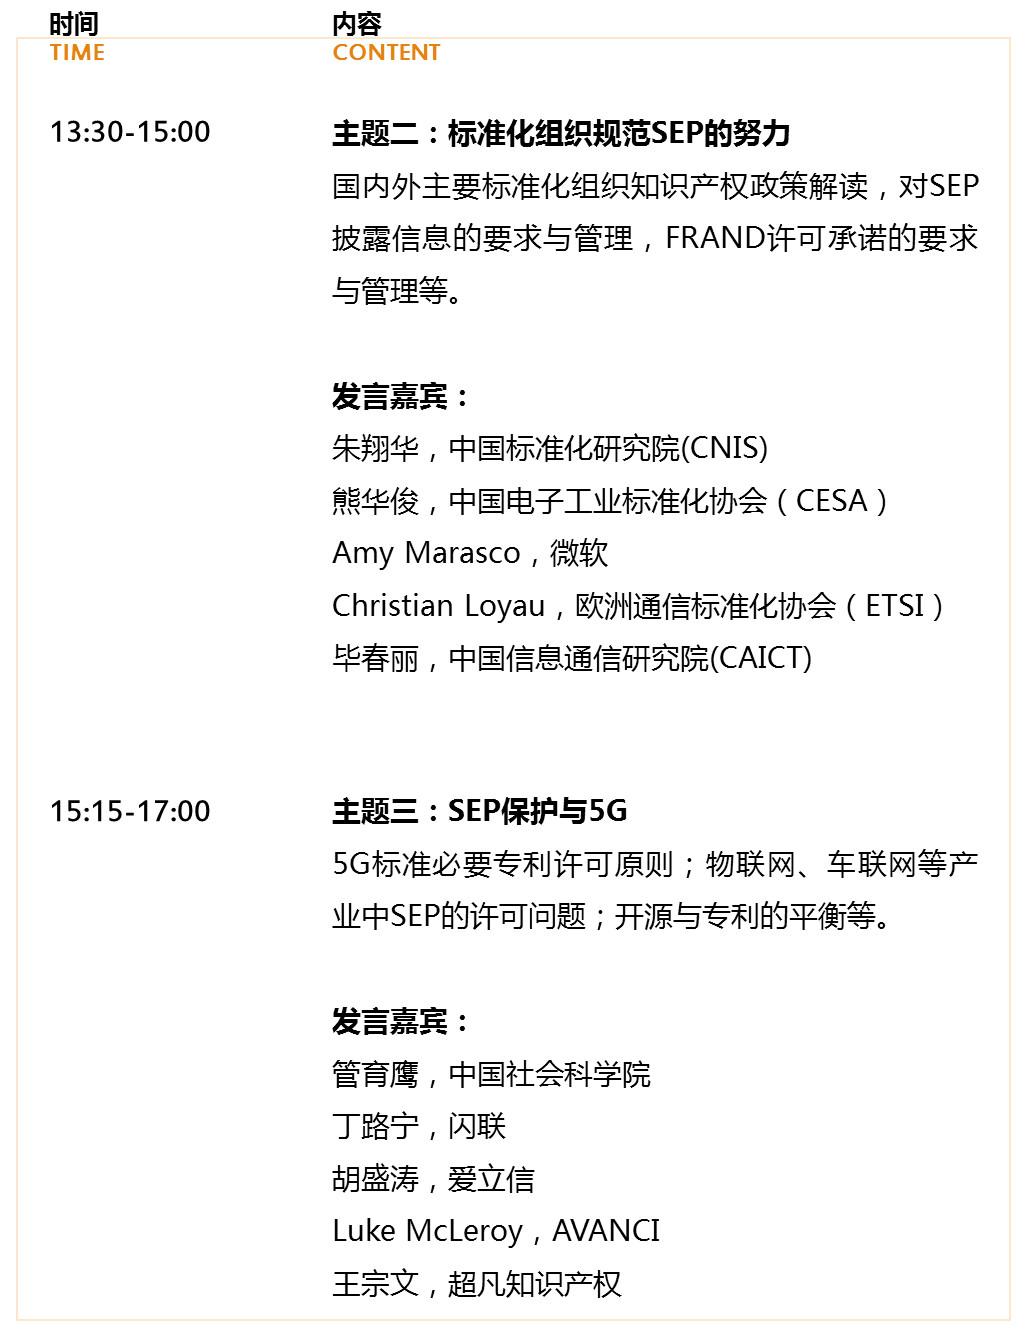 倒计时!2019年标准必要专利国际研讨会将于10月17日举办